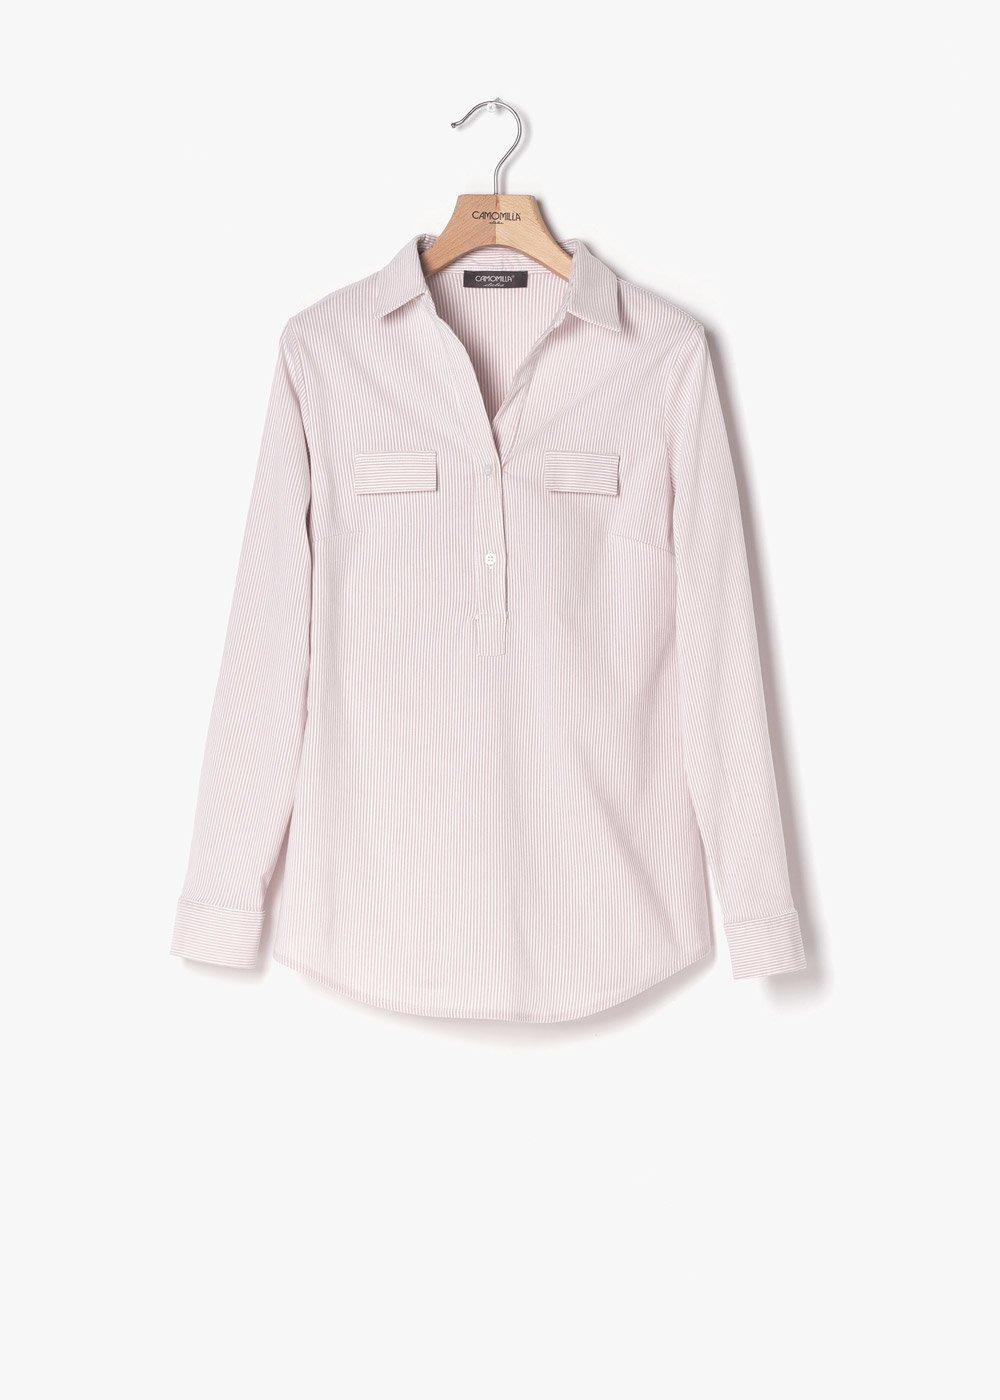 Camicia Paola su tessuto rigato - Rosa /  White Stripes - Donna